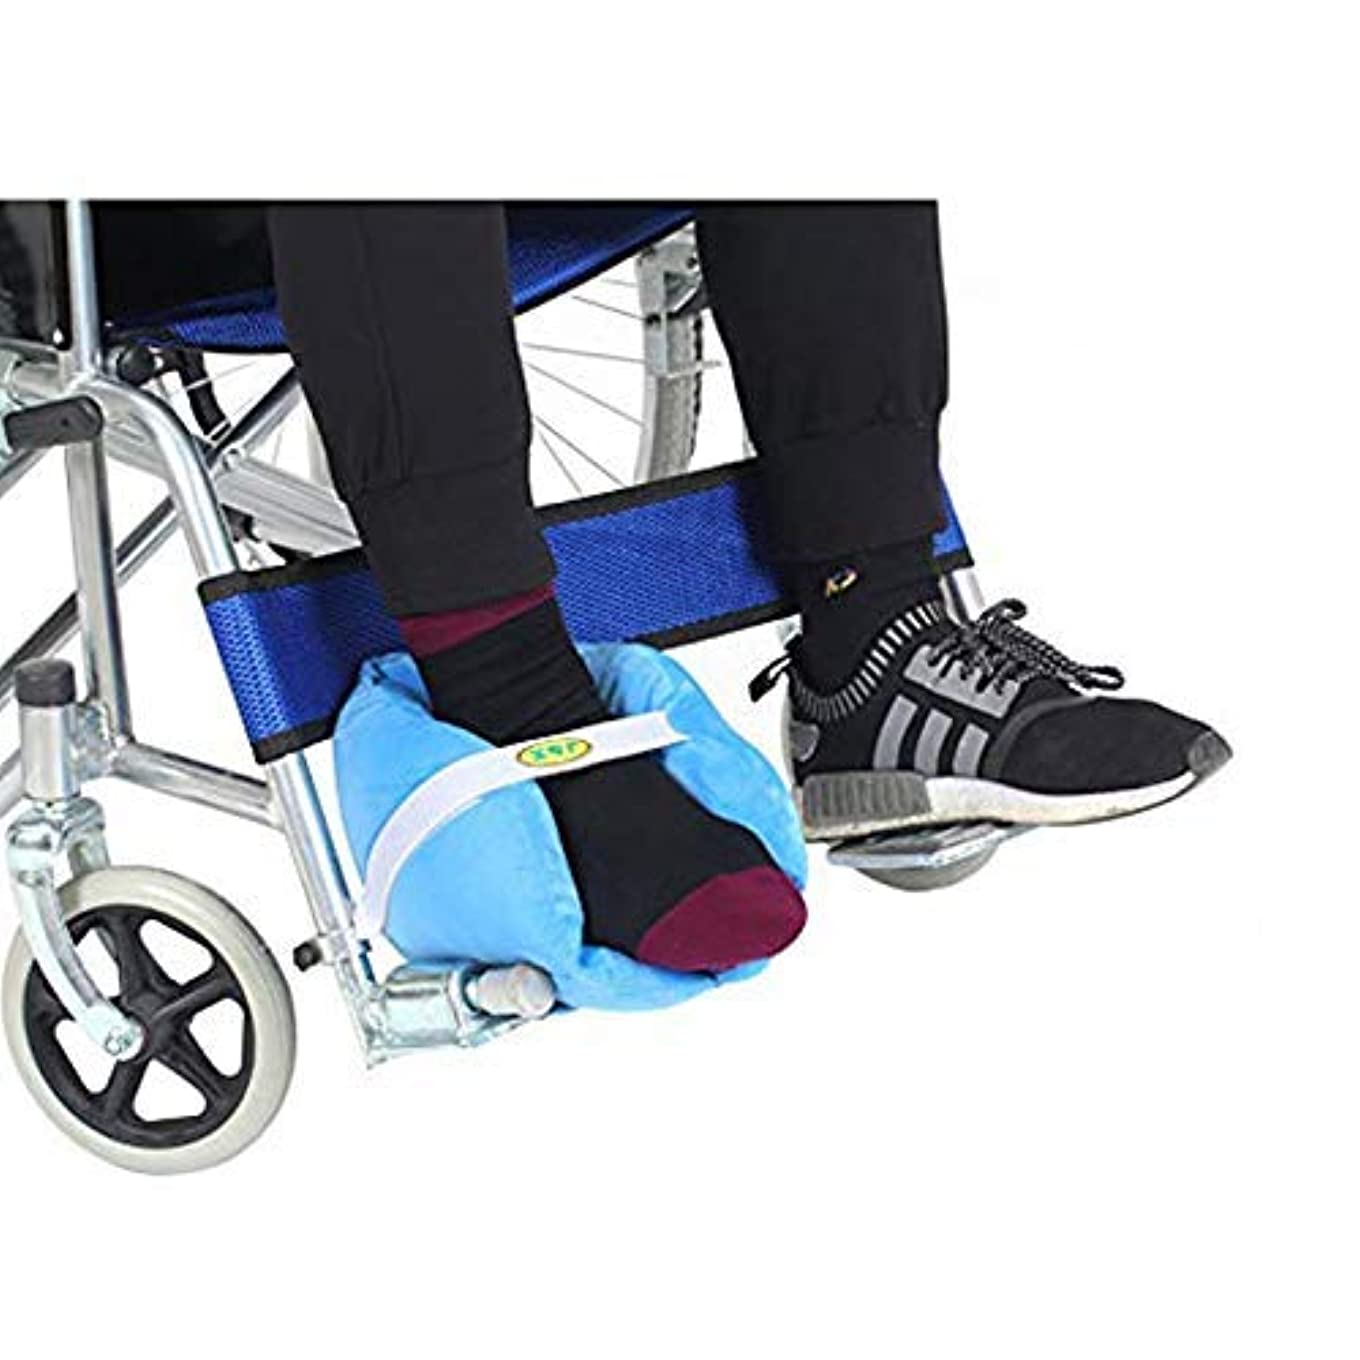 報酬コンパクト人形通気性の高い弾力性のあるスポンジを充填した褥瘡予防のためのかかと枕プロテクター臥床クッション